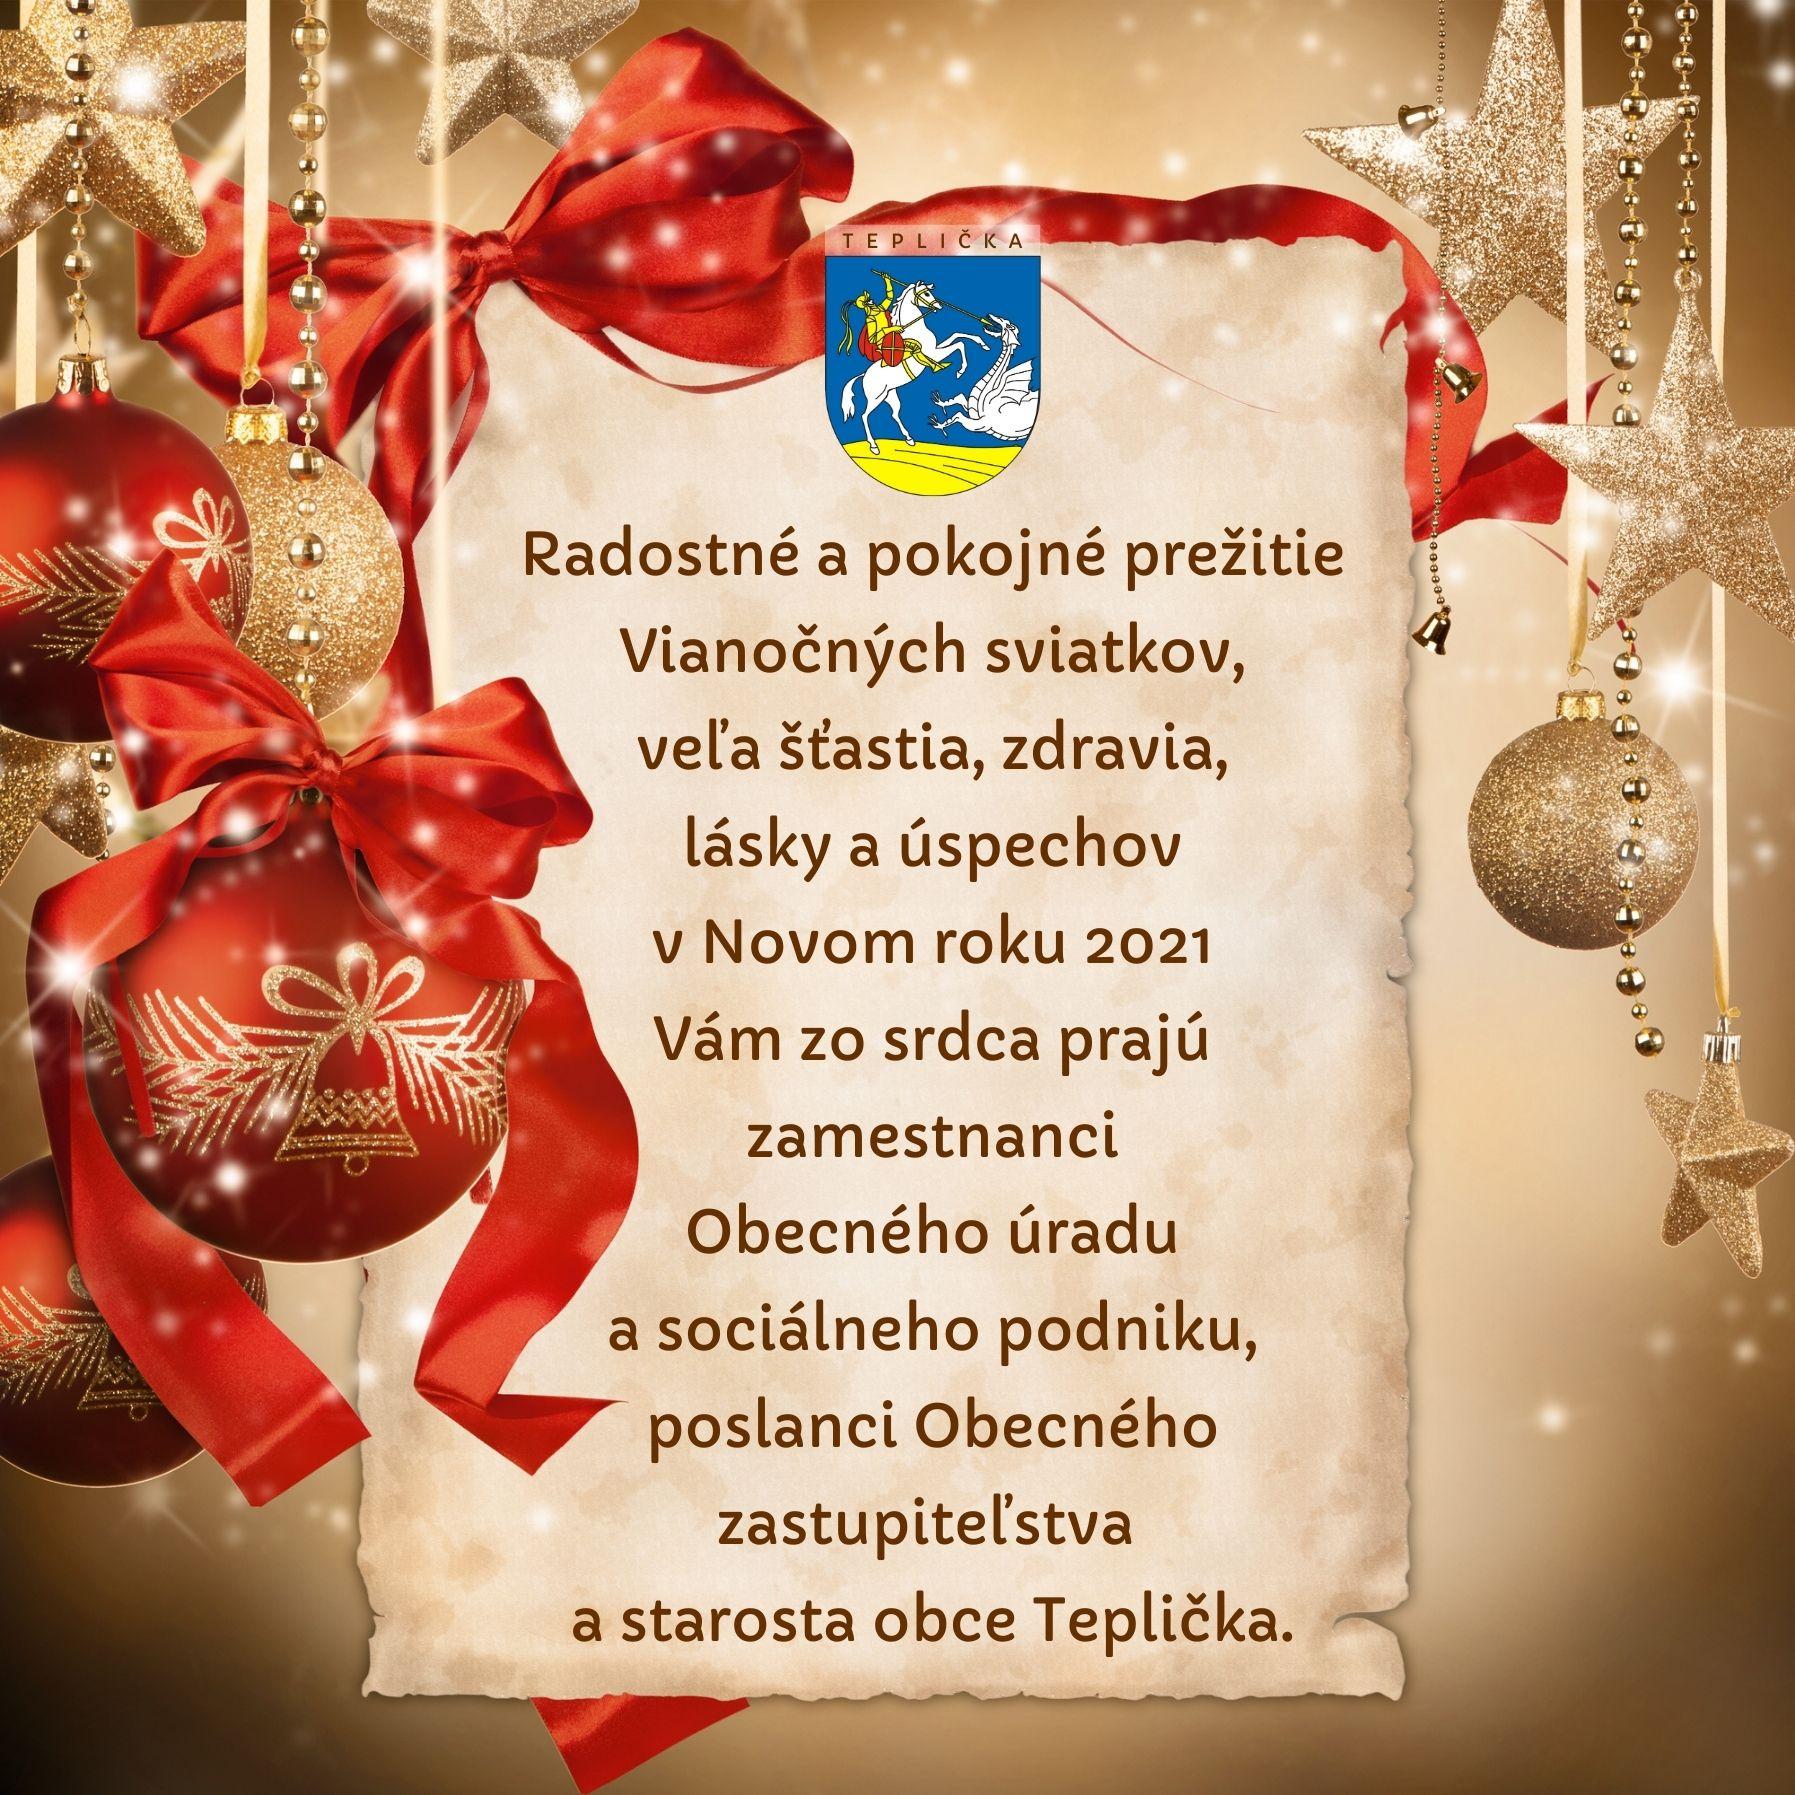 Vianočný_pozdrav_2020